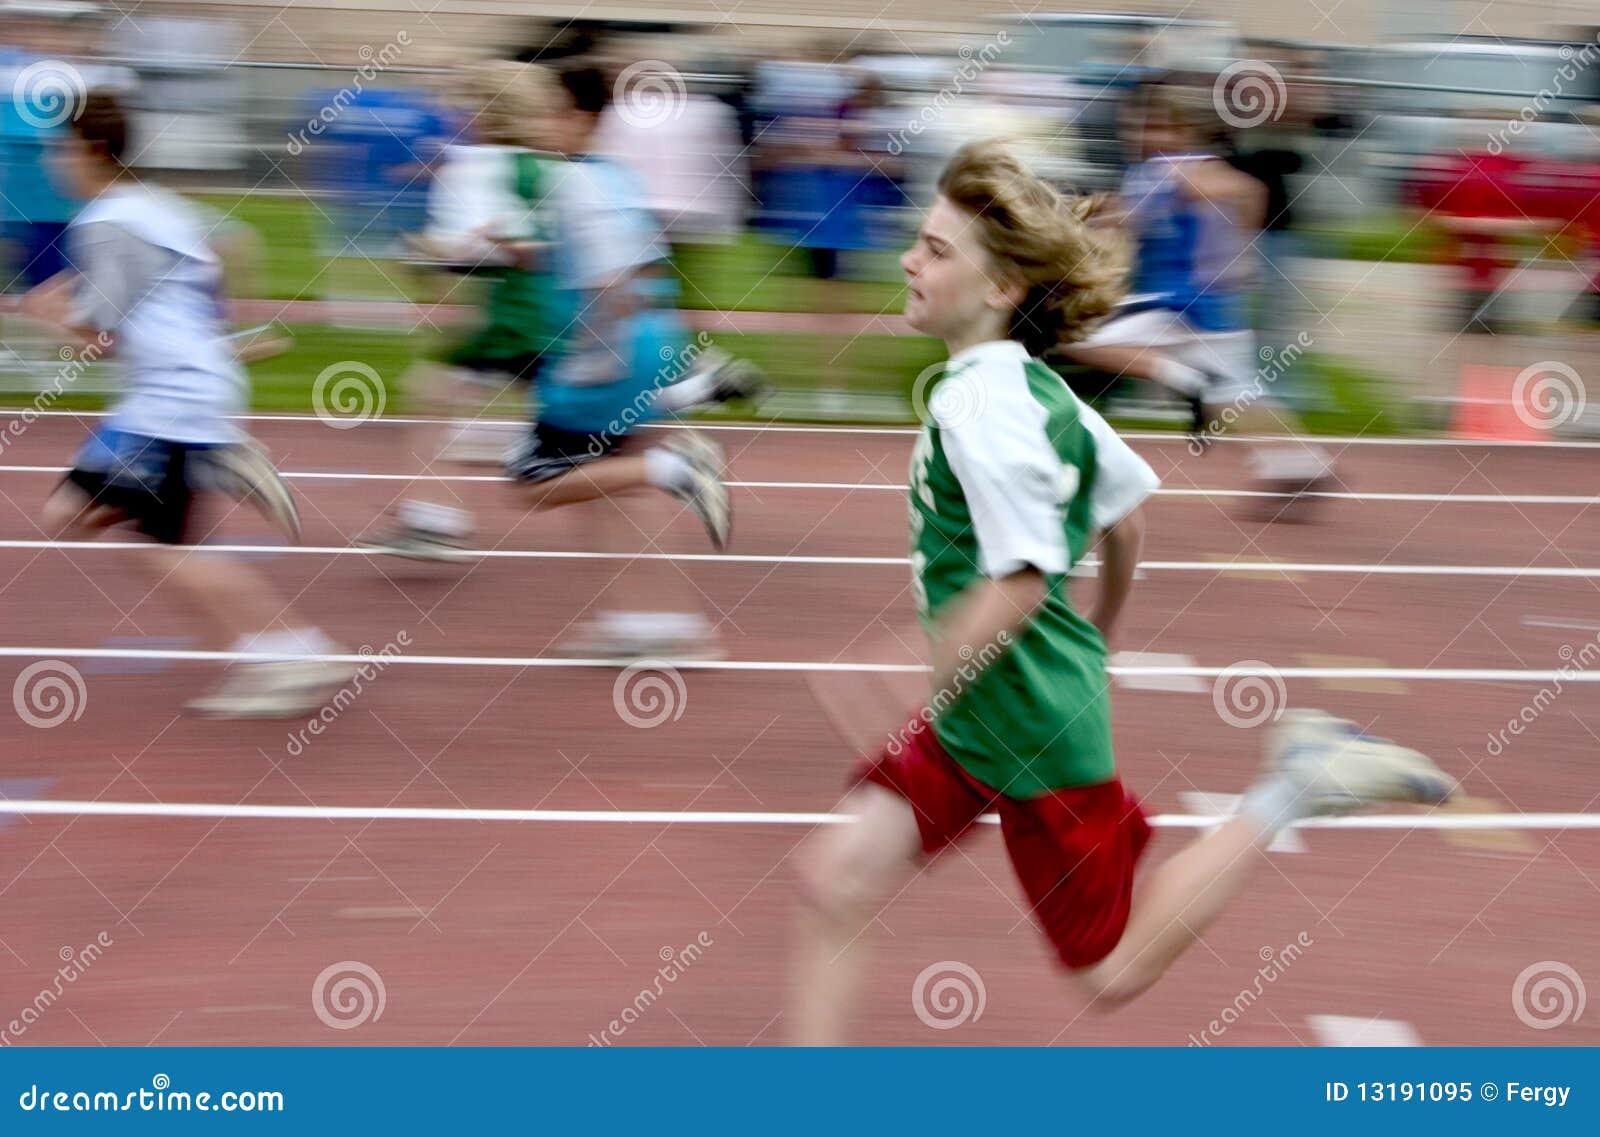 Boy running at track meet